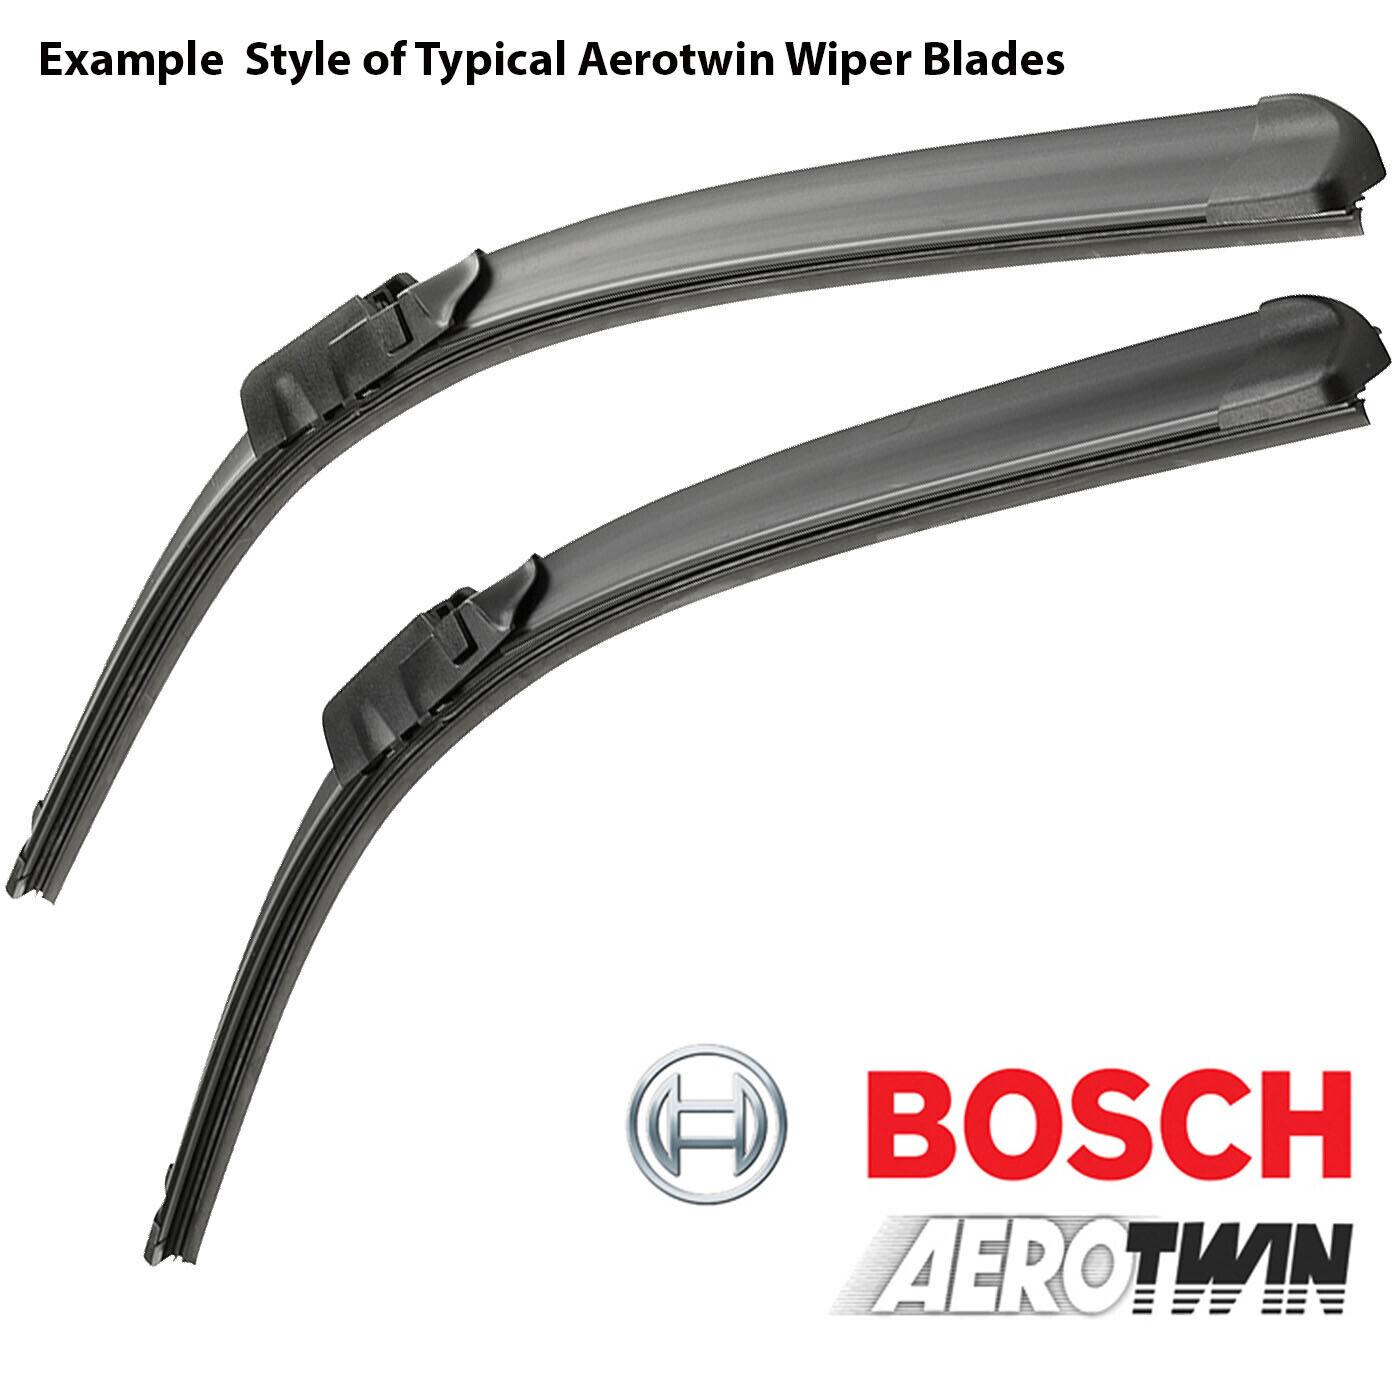 BOSCH 3397014141 AR141S Set of AEROTWIN RETROFIT Windscreen Flat Wiper Blades